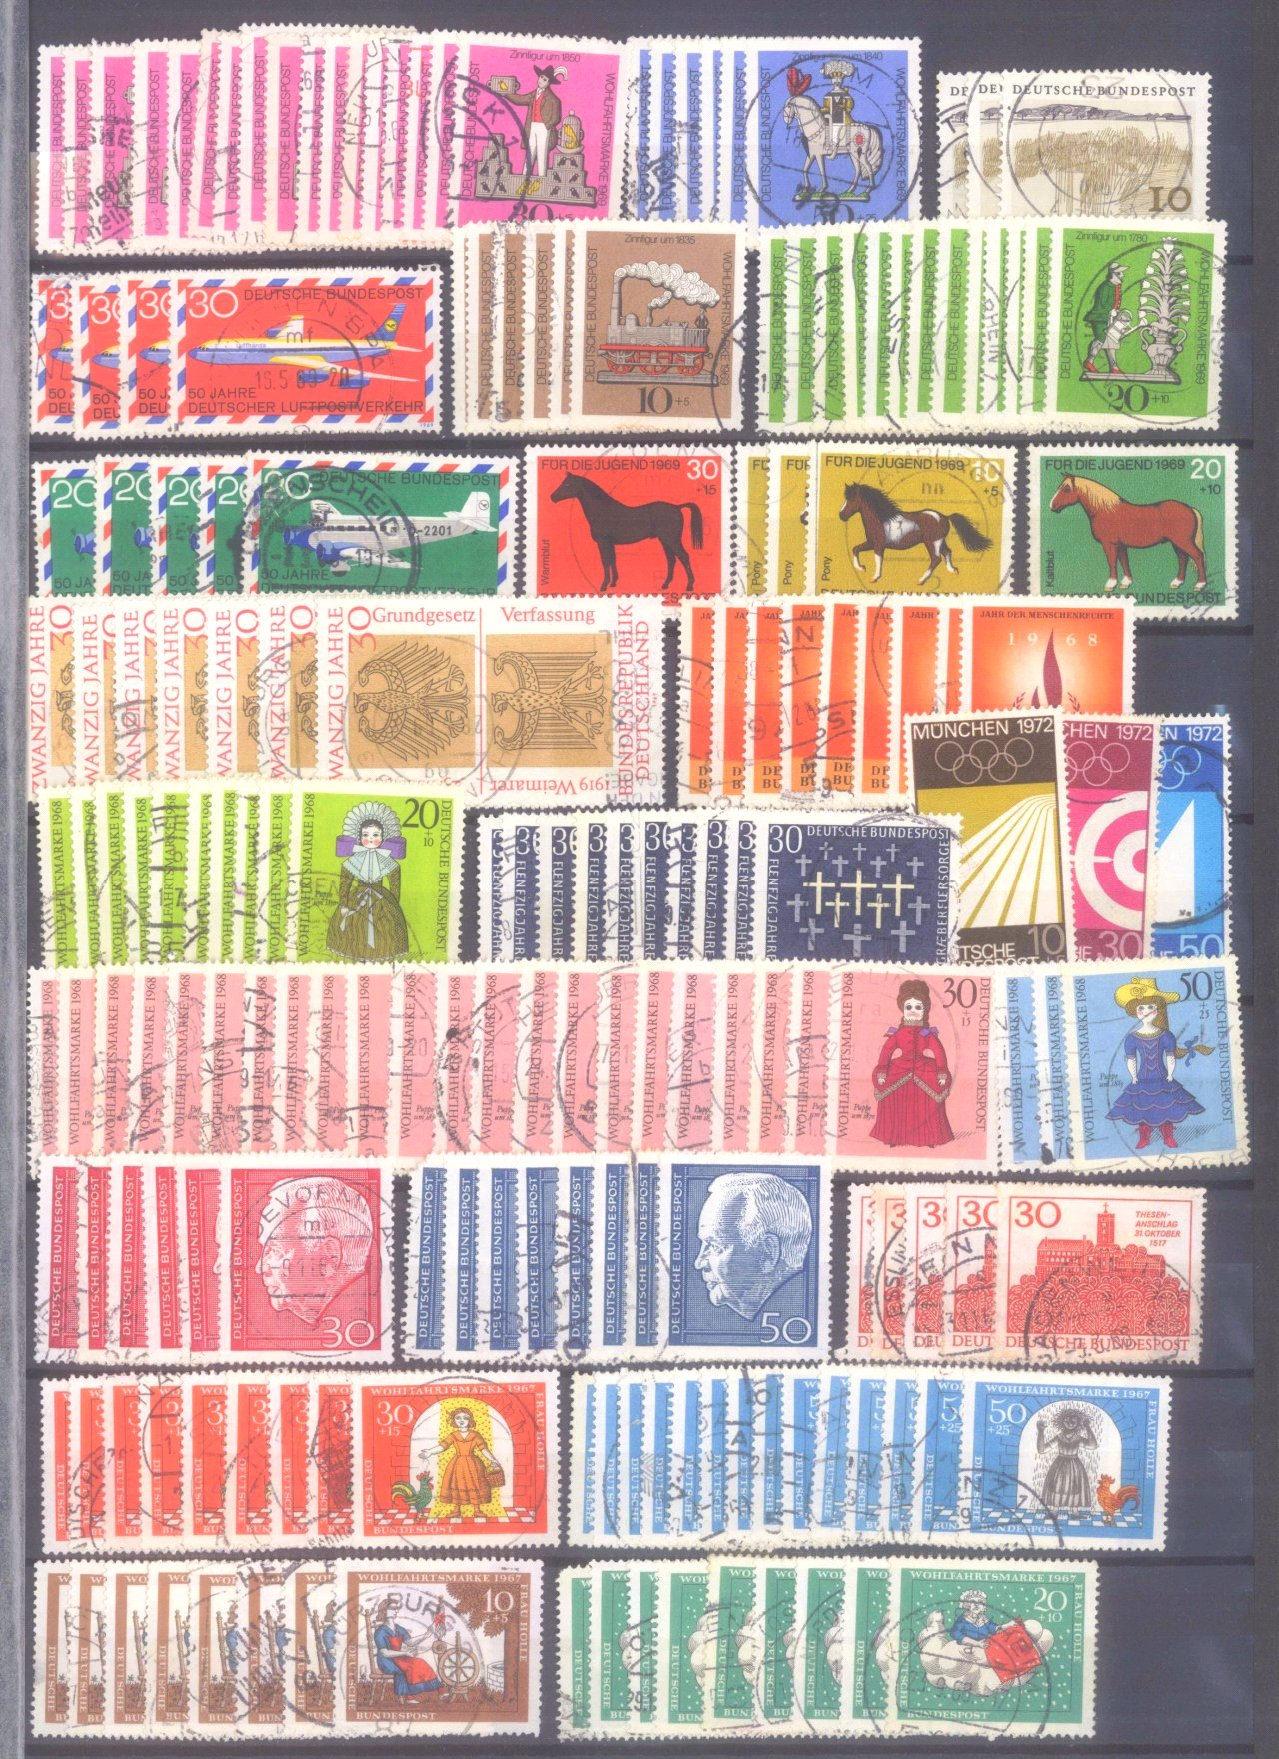 Mannheimer Briefmarkennachlass-17